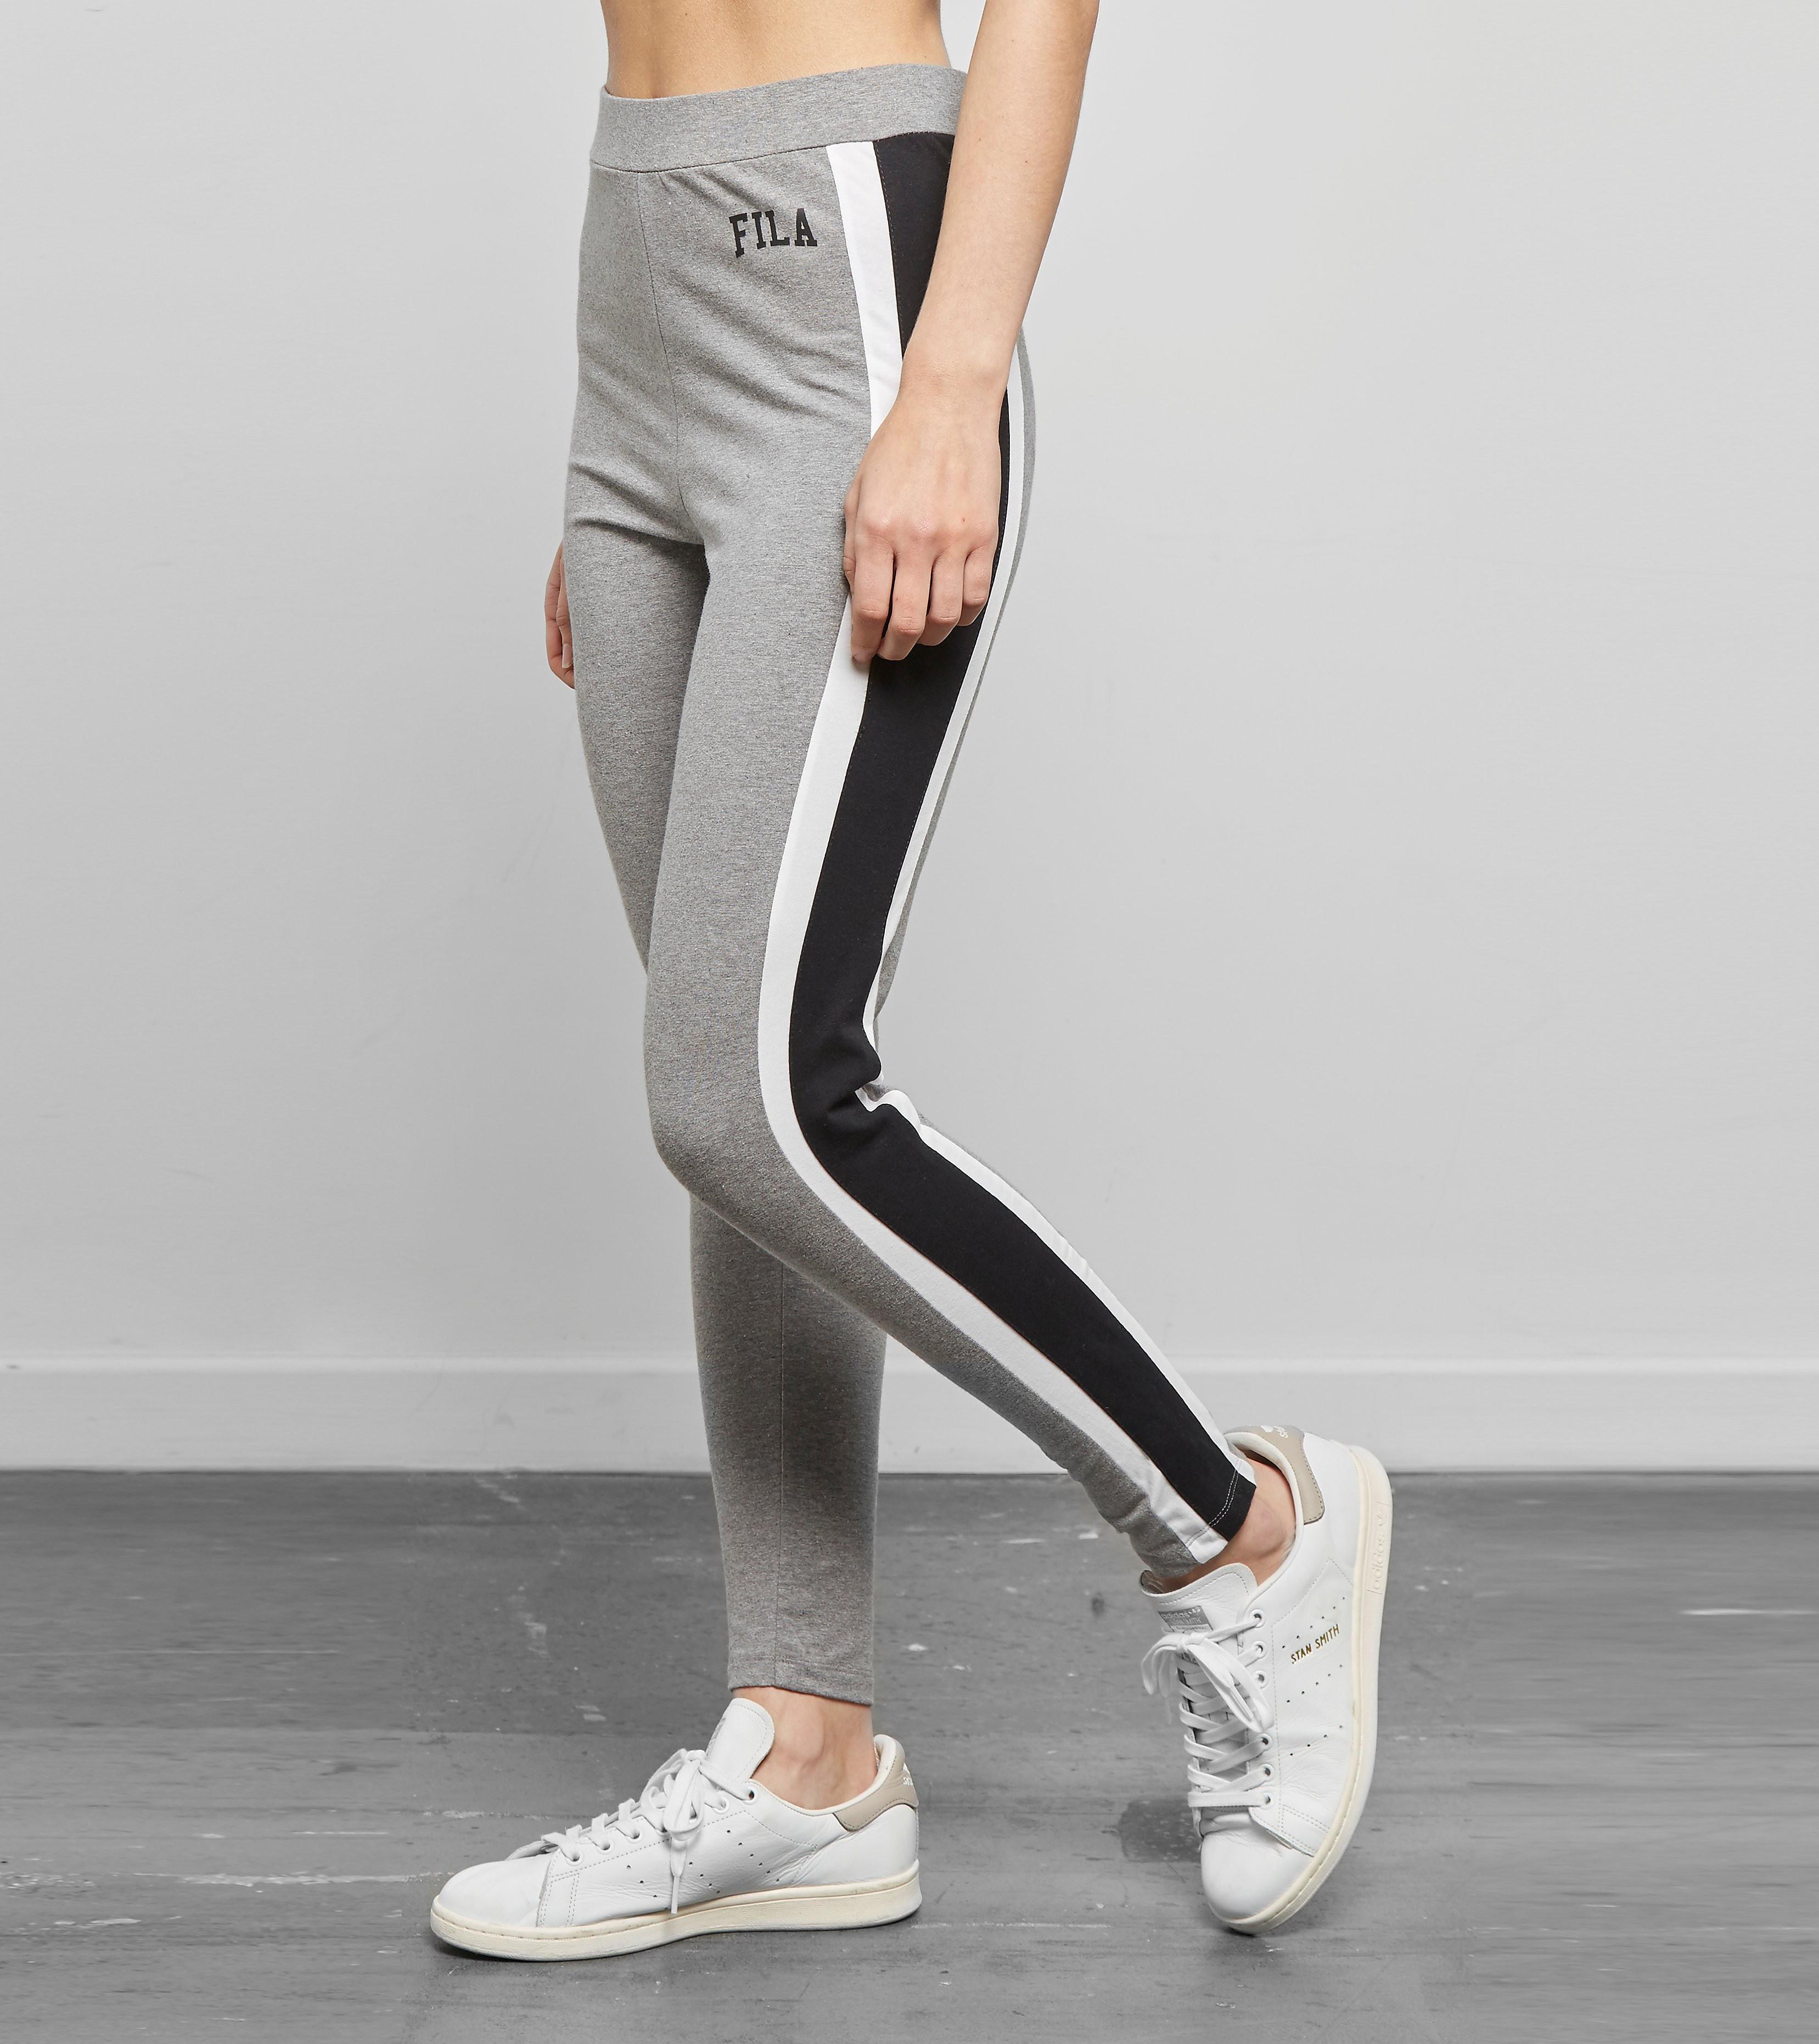 Fila Bette Fashion Pants